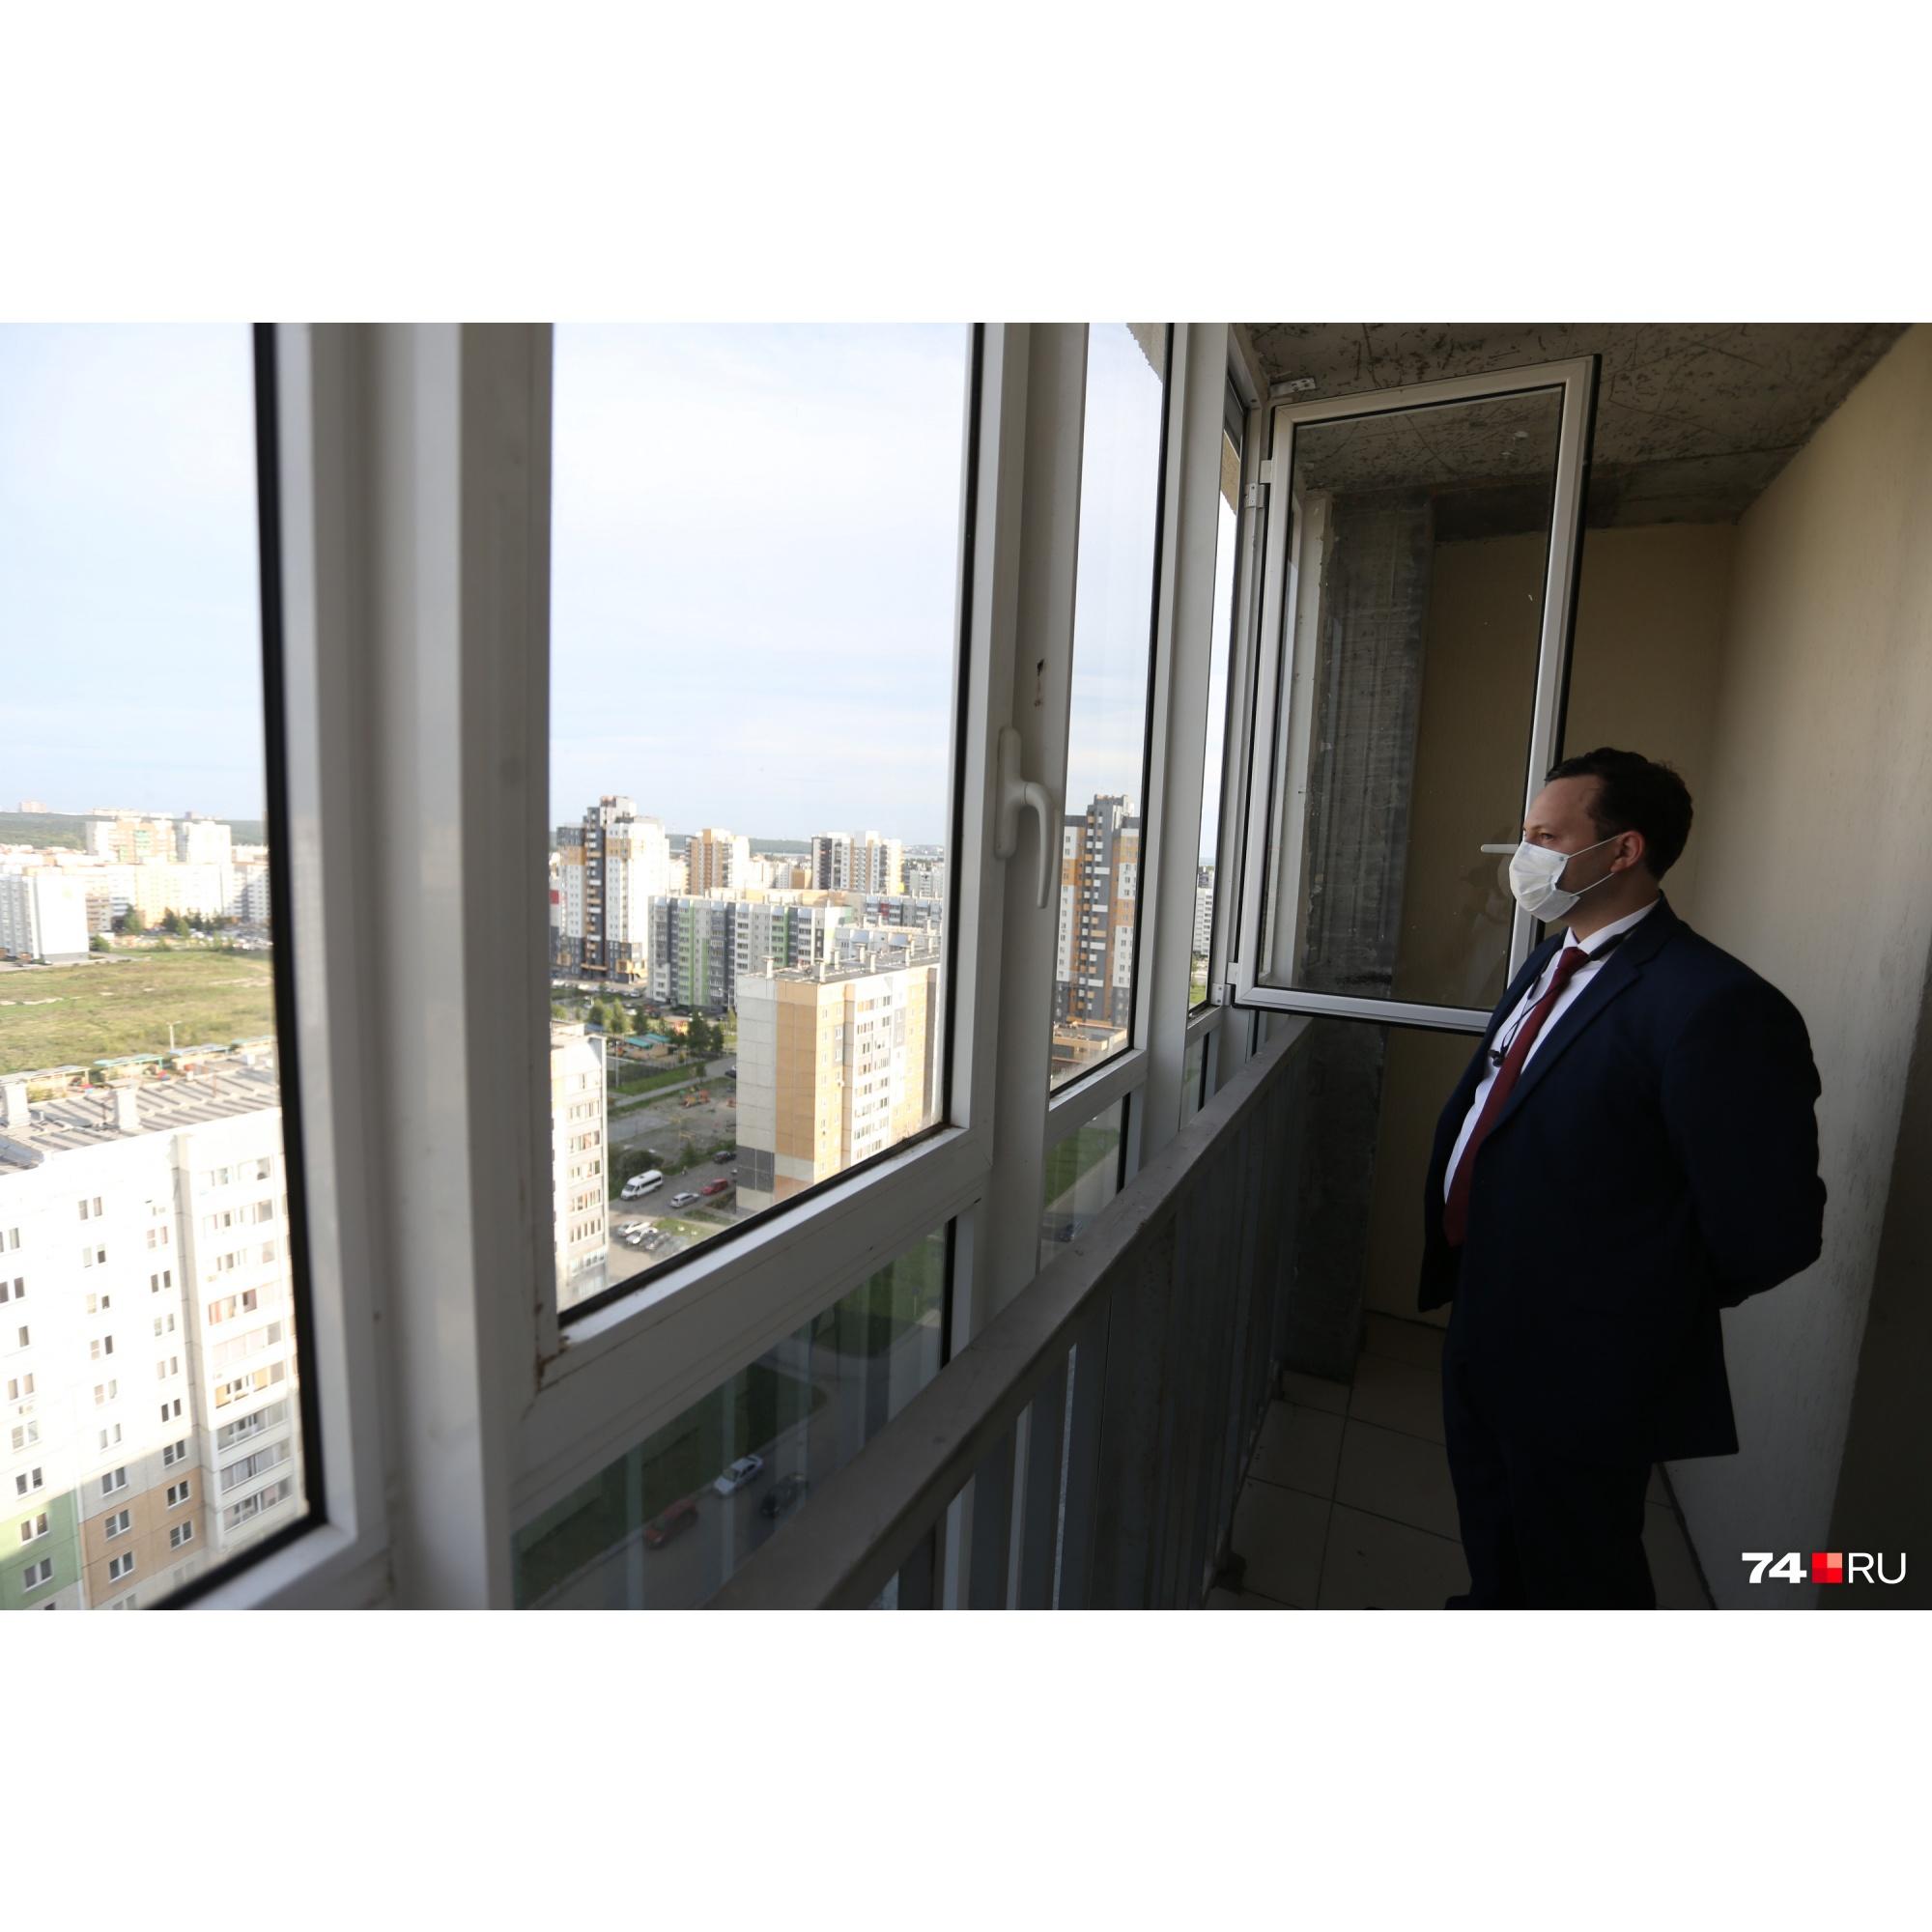 Из очевидных плюсов — вид с балкона